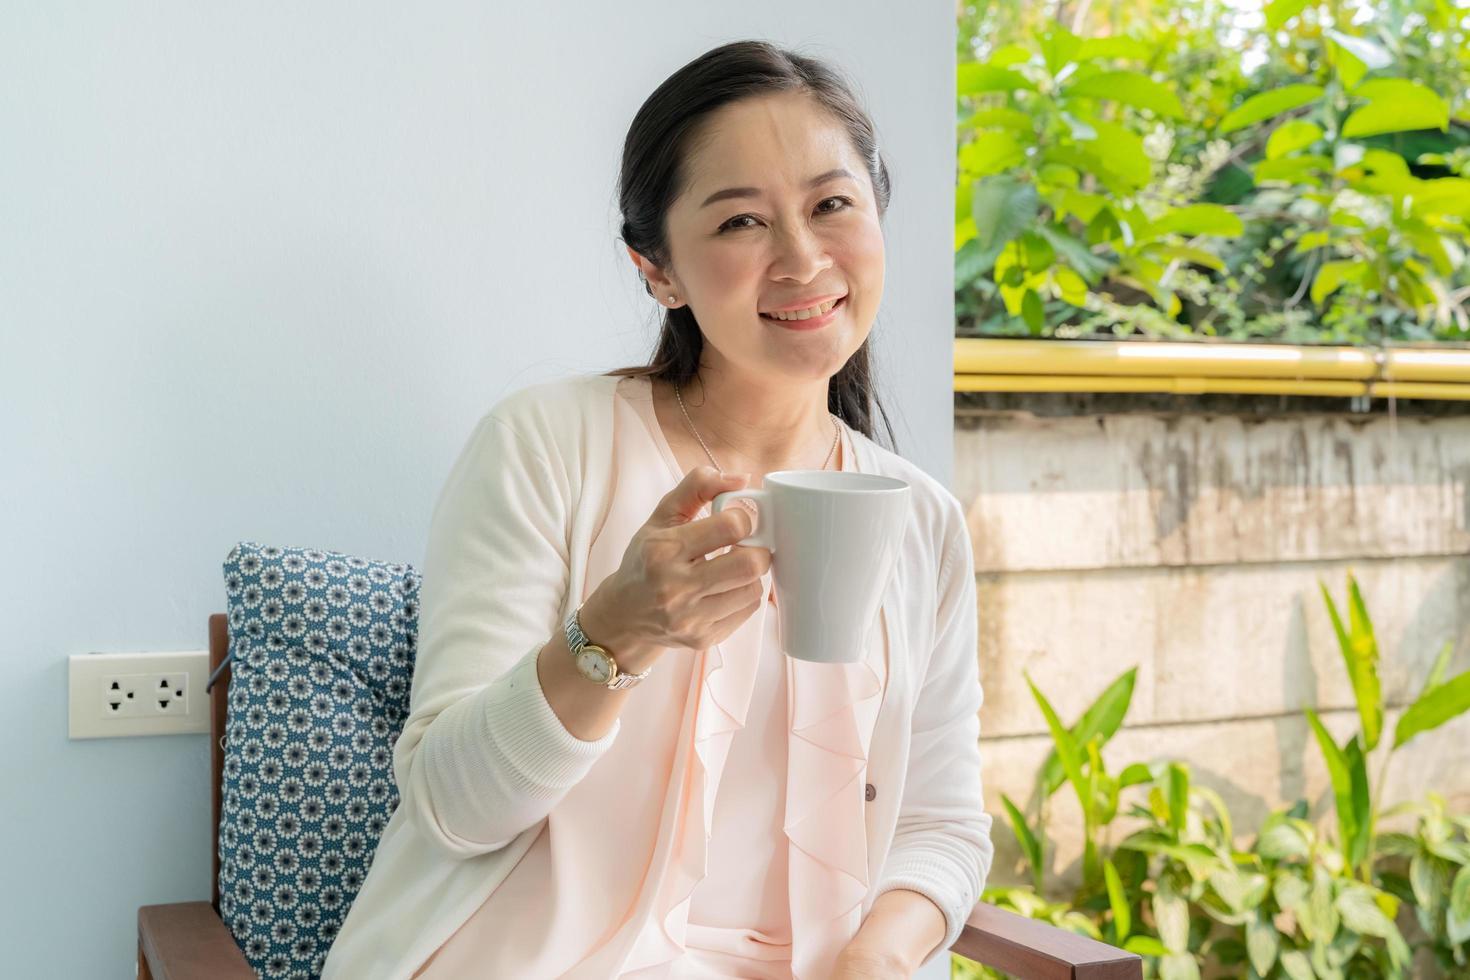 medelålders asiatisk kvinna som sitter och dricker kaffe i trädgården. foto